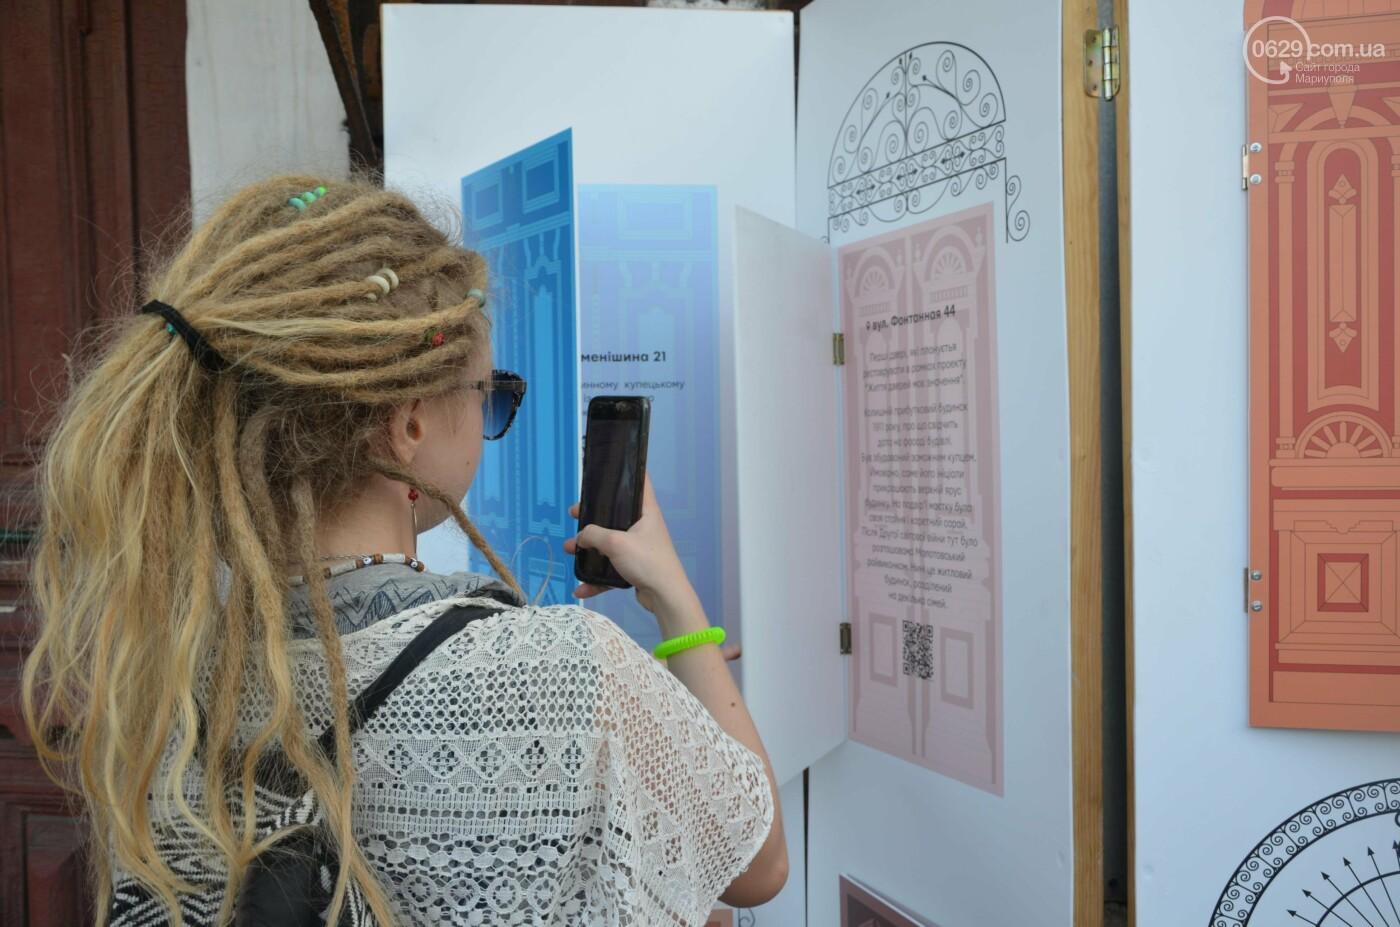 Старовинним дверям у Маріуполі влаштували справжнє свято, - ФОТОРЕПОРТАЖ, фото-10